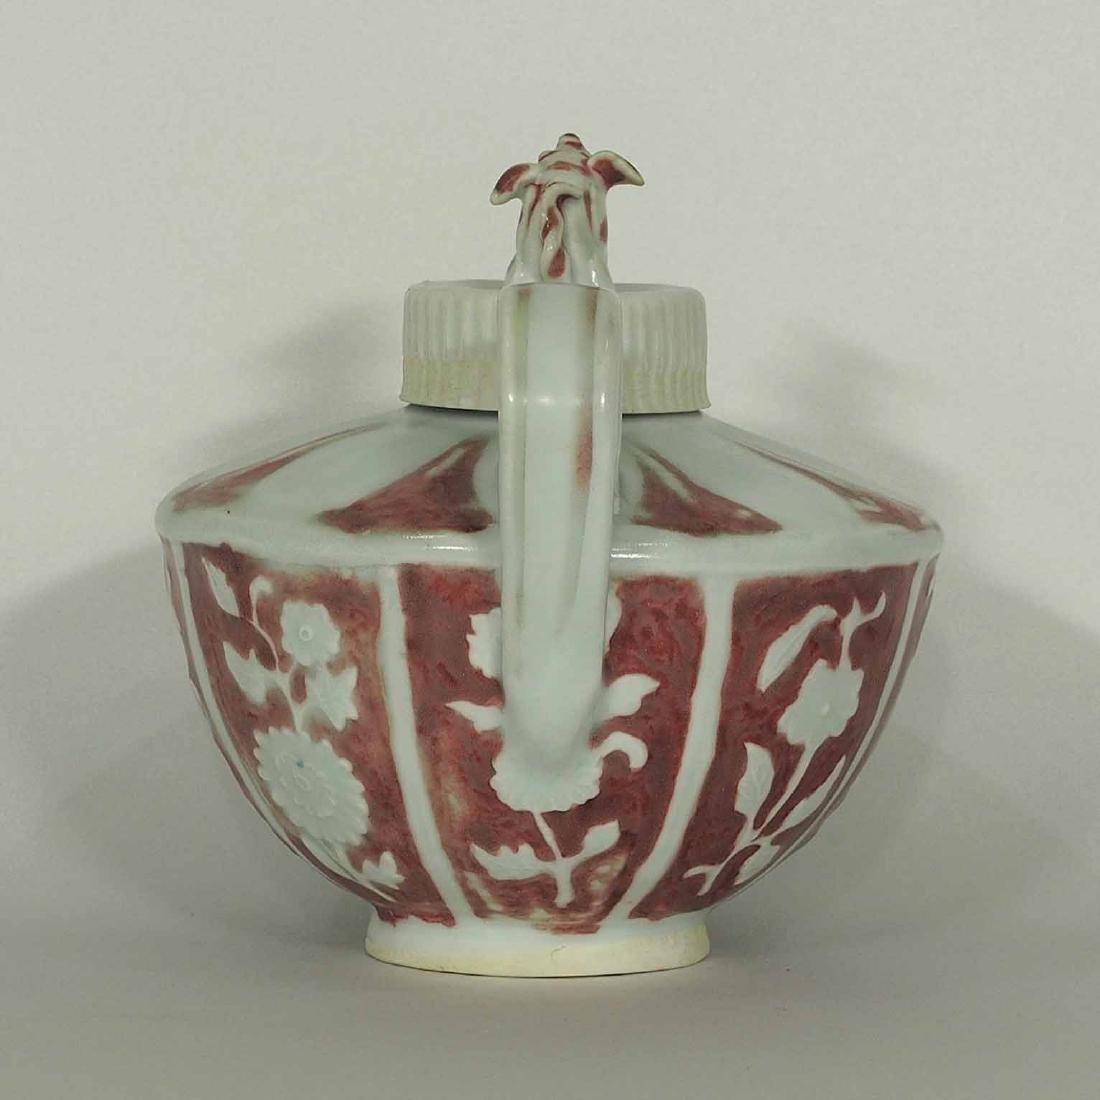 Half Round Ewer with Qilin Lid, Yuan Dynasty - 4